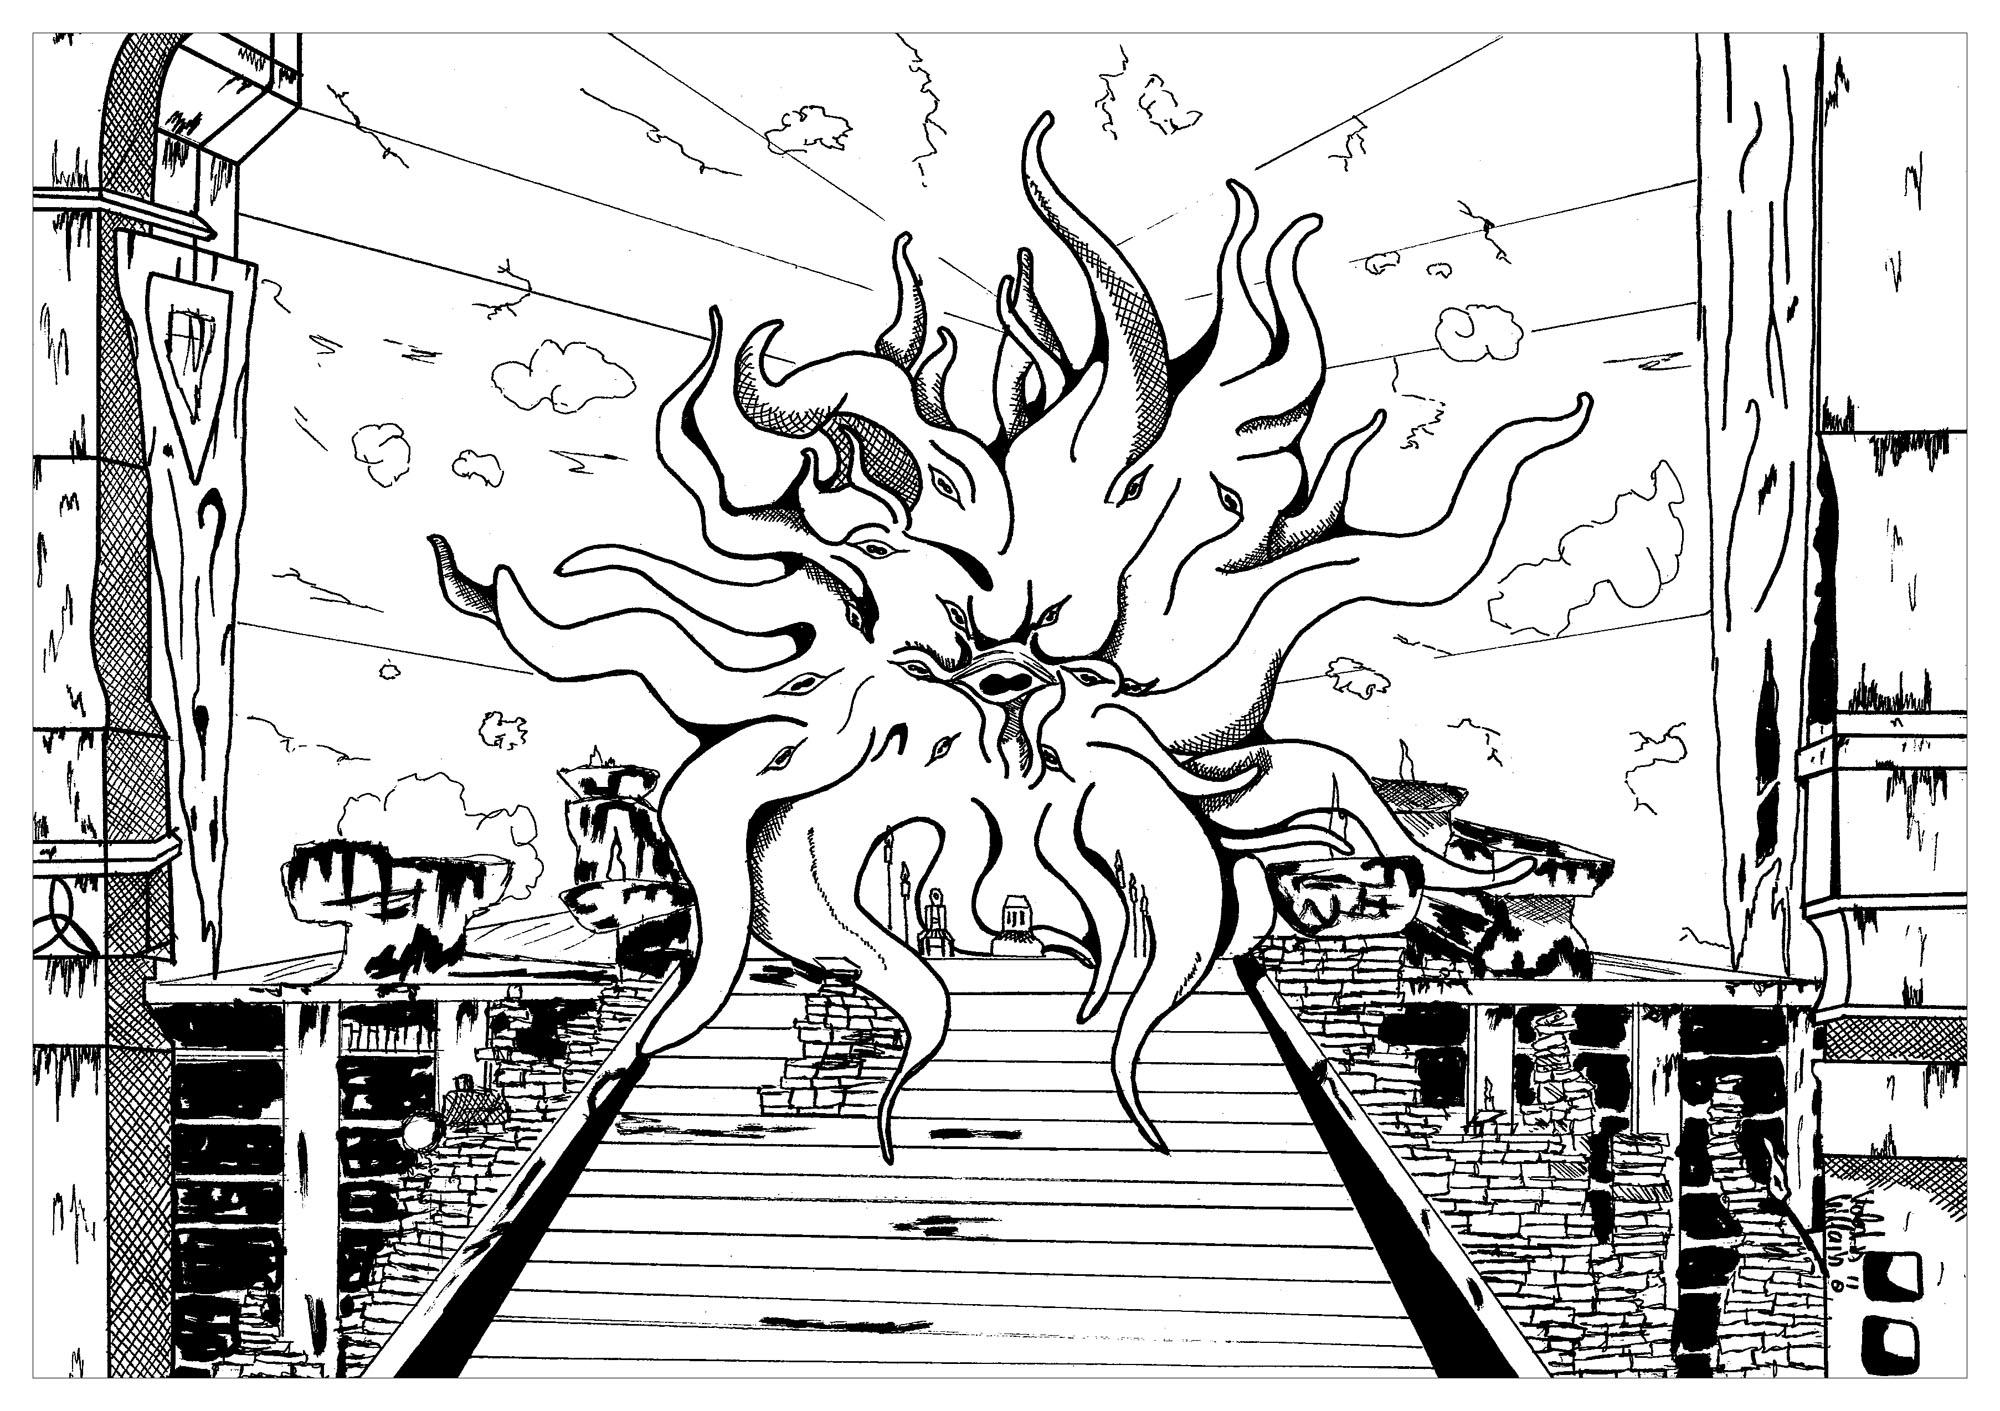 Coloriage inspiré du jeux vidéo skyrim représentation D'Hermaeus Mora le Prince Daedra des forêts, le gardien de la connaissance et de la mémoire